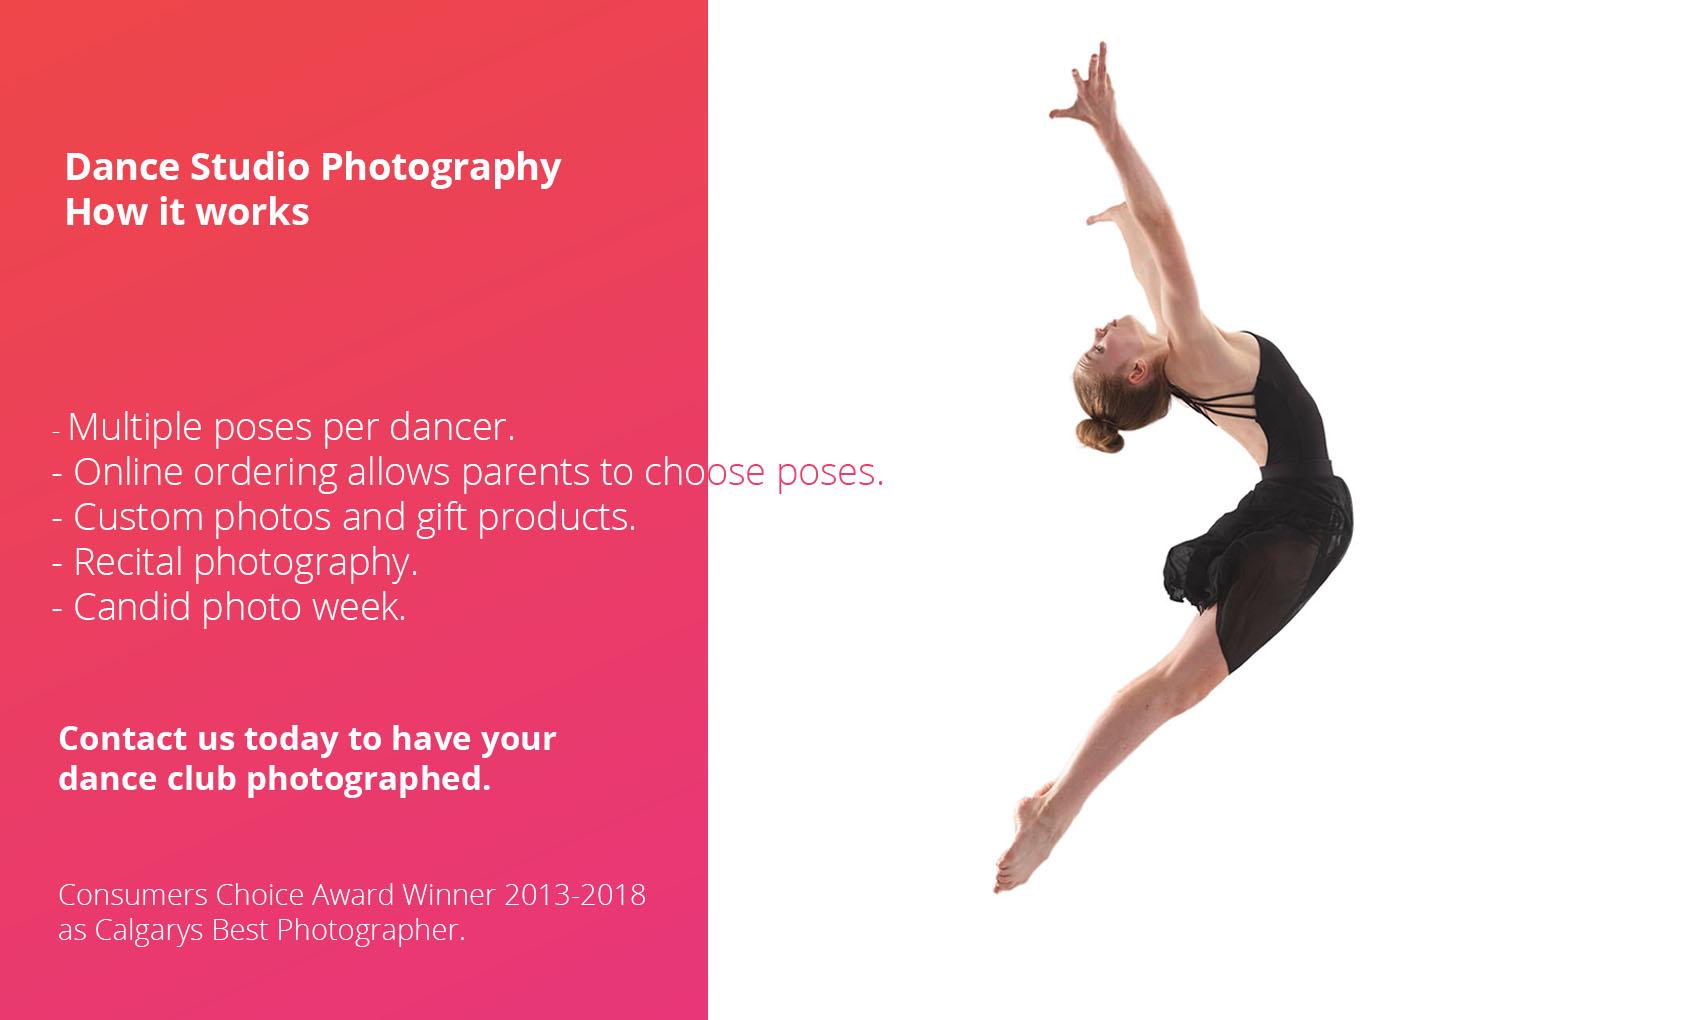 webdancepostcard.jpg